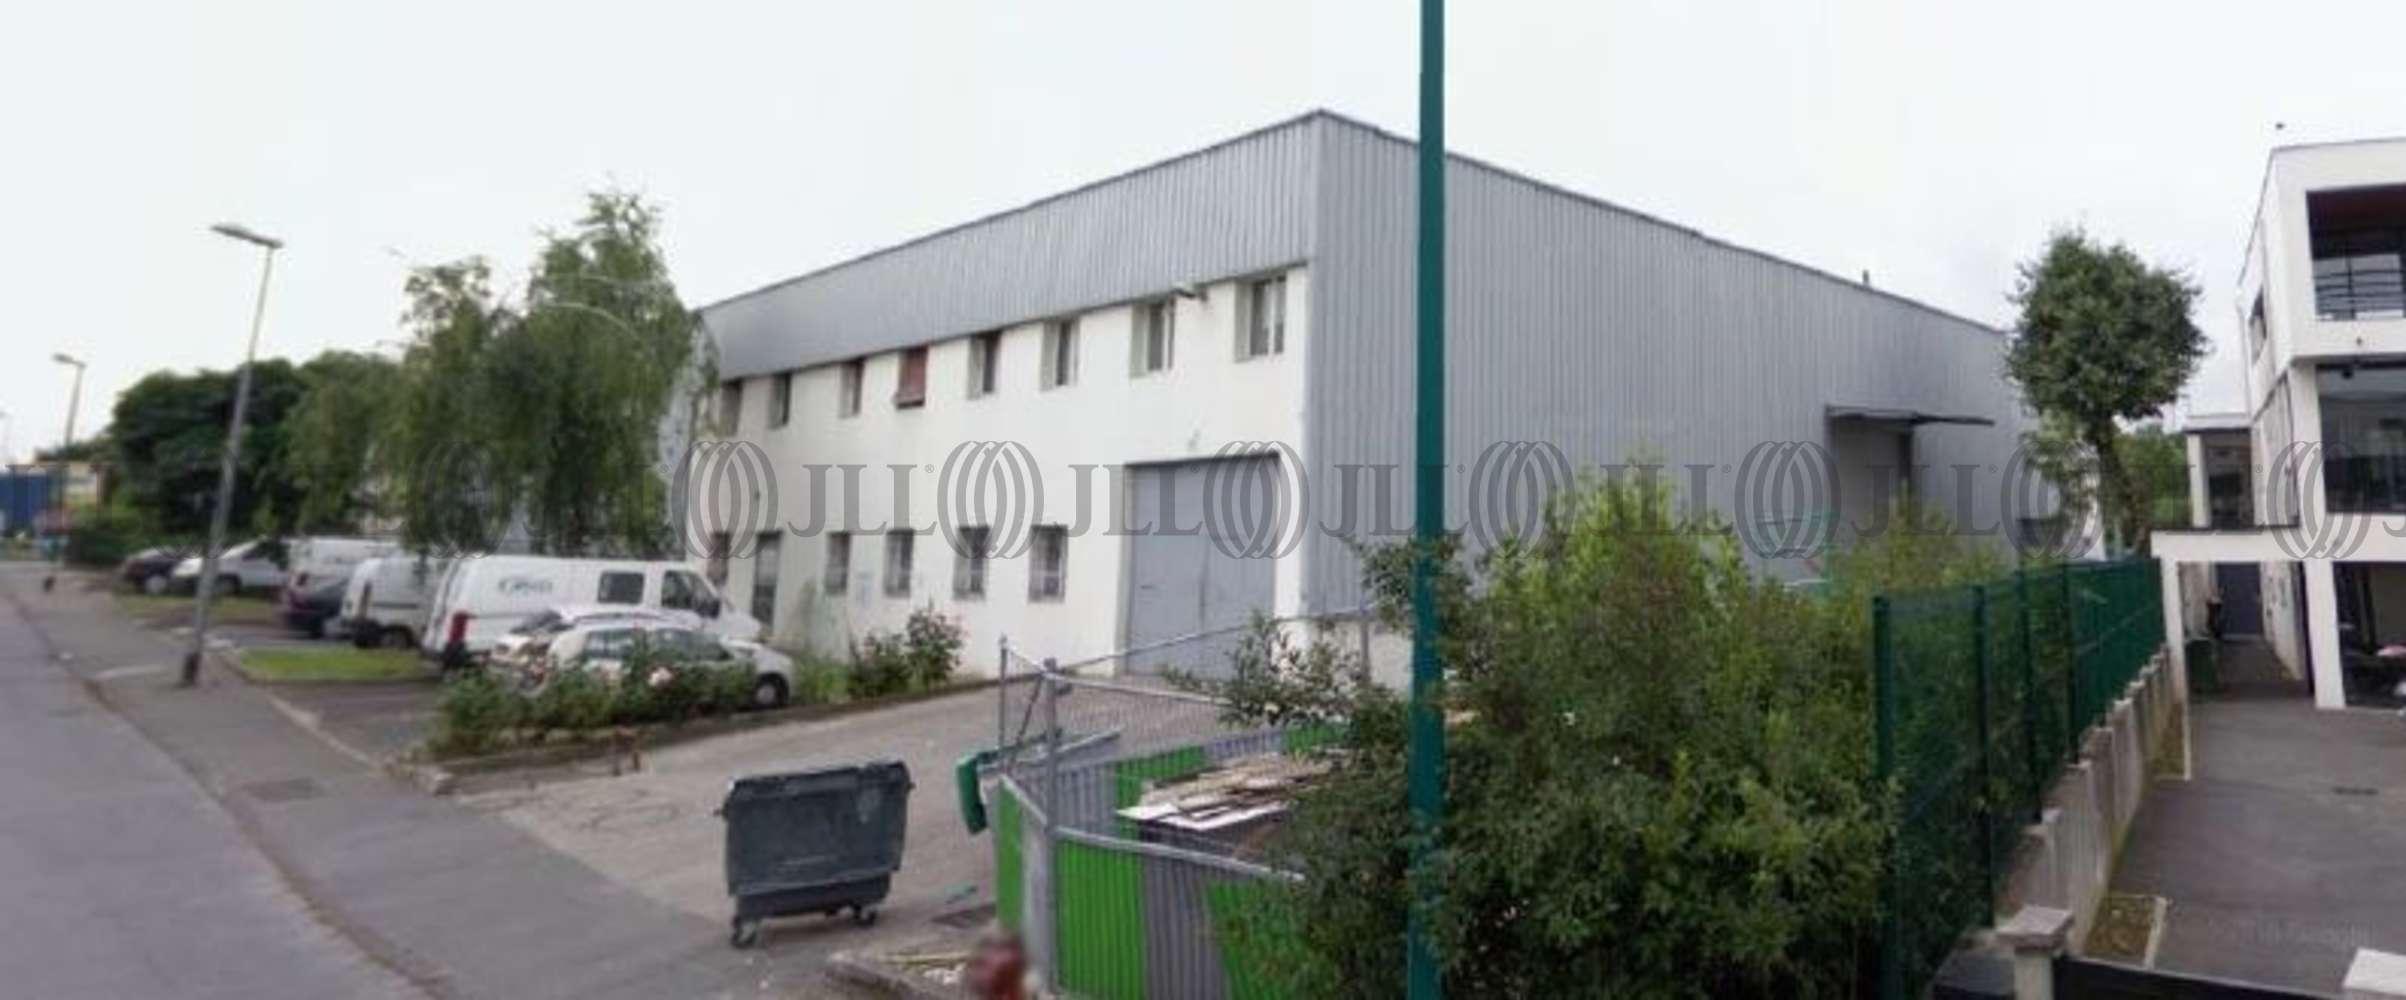 Activités/entrepôt Fontenay sous bois, 94120 - 89 RUE PIERRE GRANGE